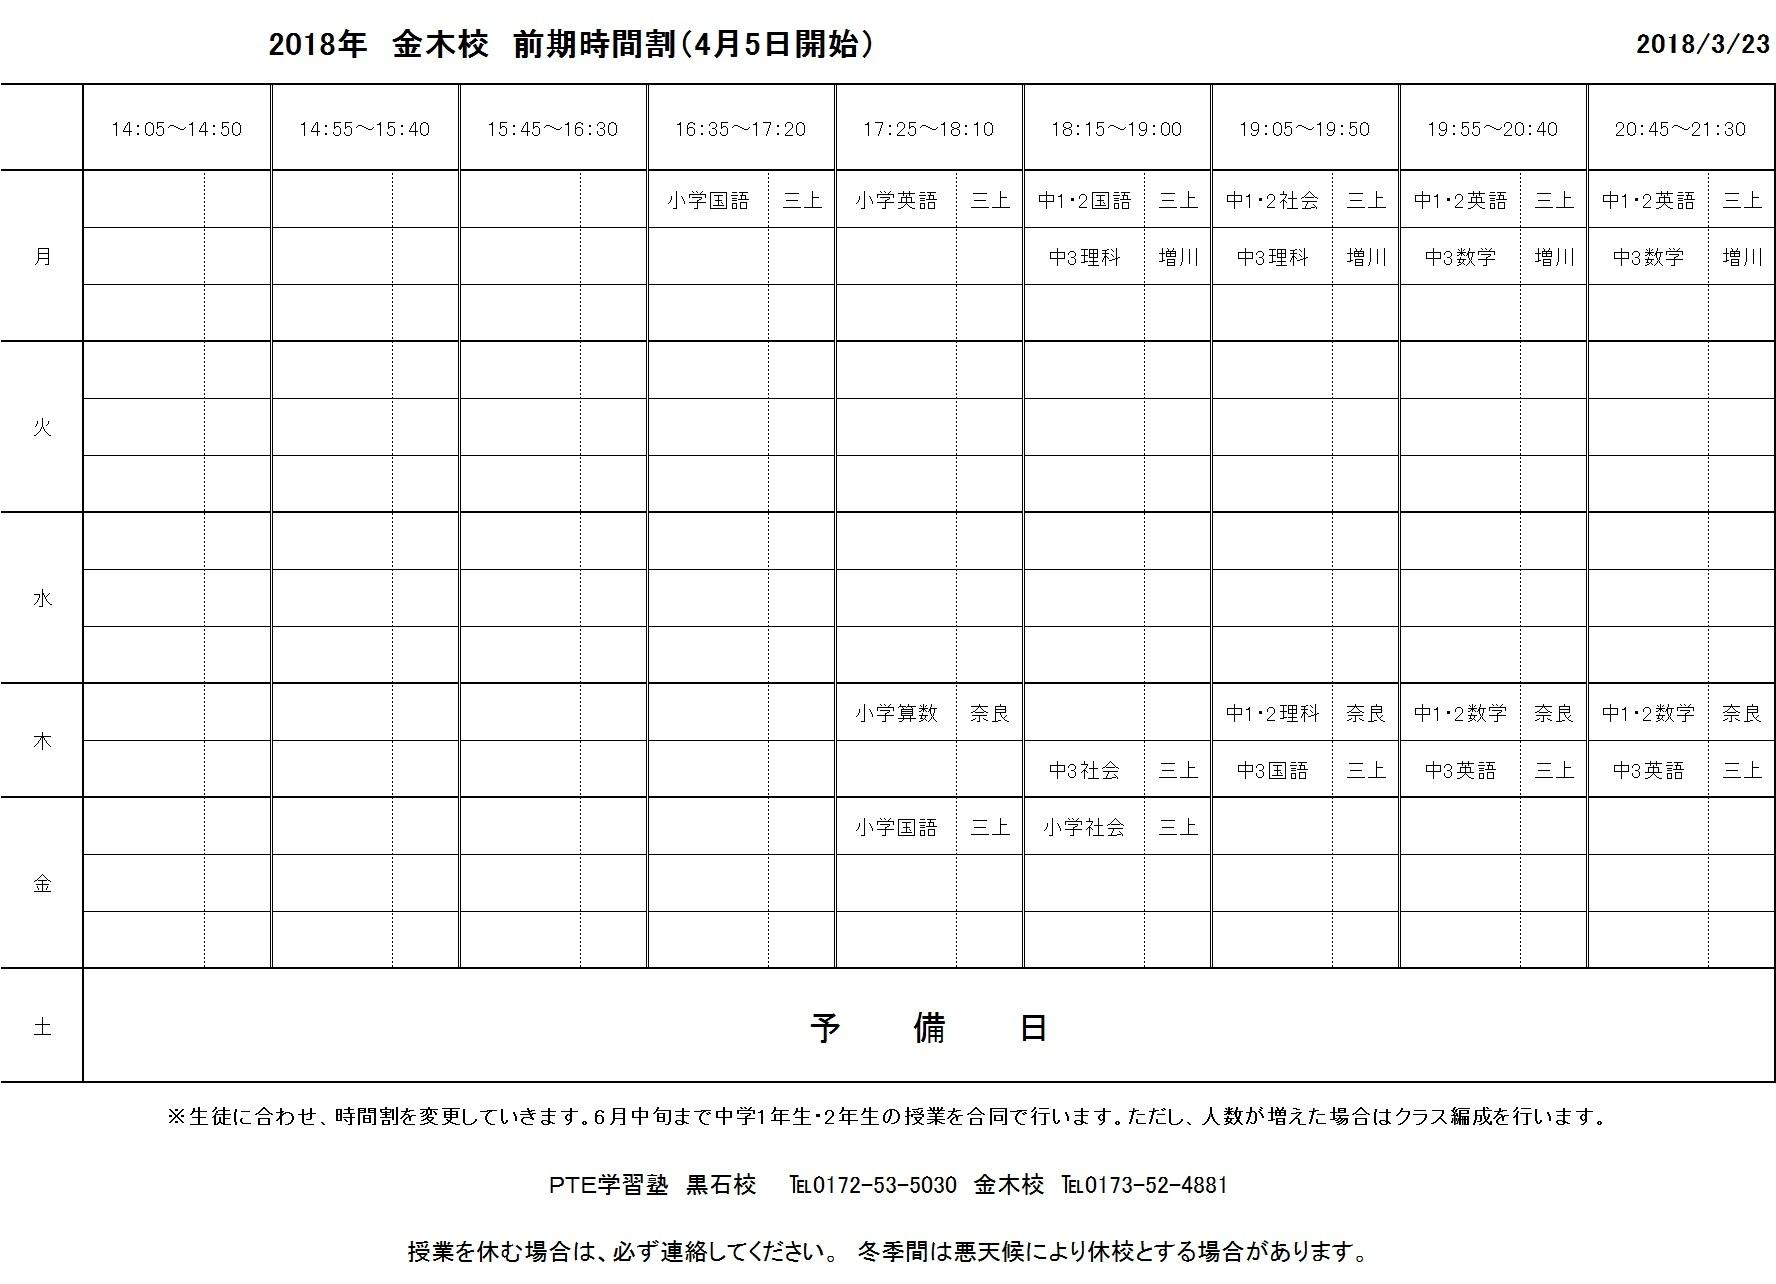 2018前期時間割�@(金木).jpg